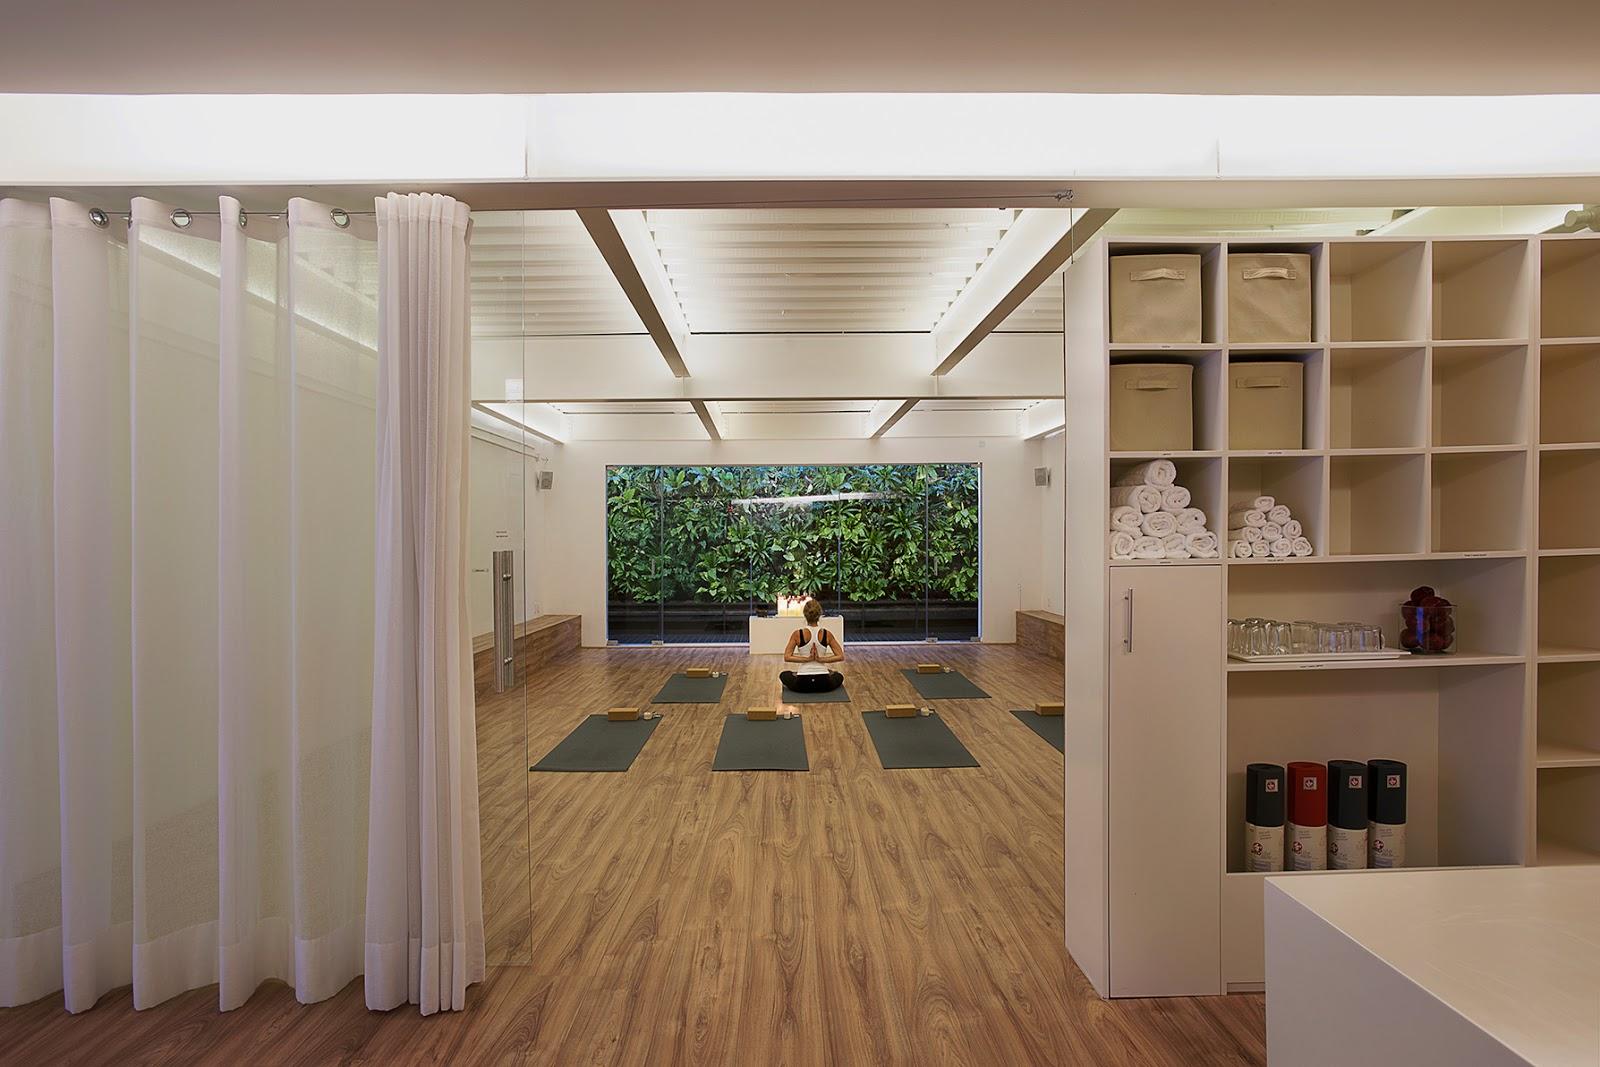 Planos low cost dise o de centro de yoga - Espacio para el yoga ...